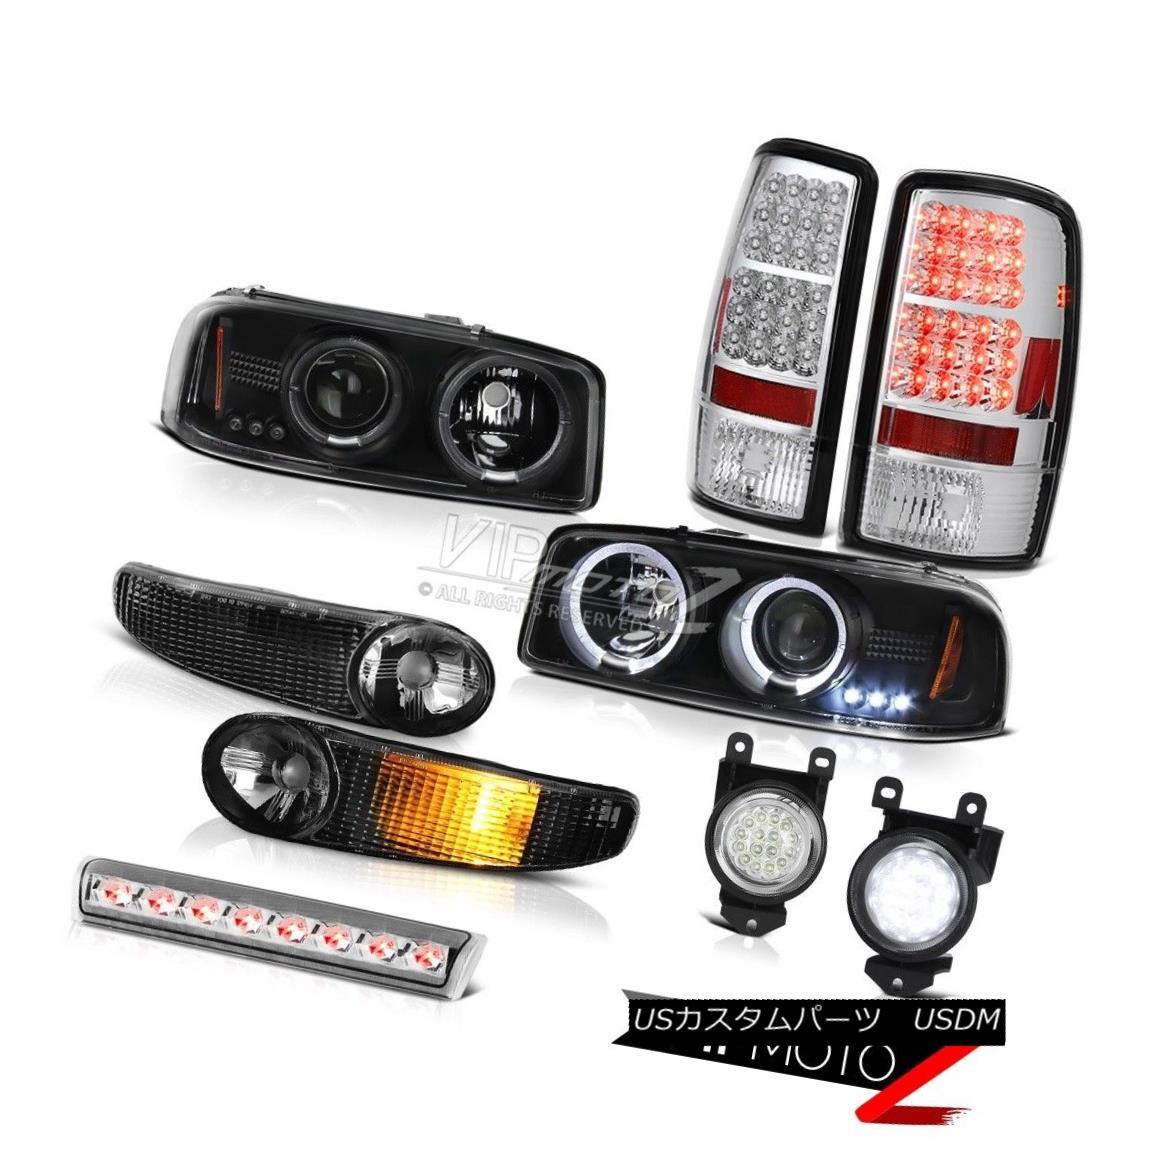 ヘッドライト Black GMC Halo LED 01-06 Yukon Headlights Signal SMD Tail Lights Fog Brake Lamps ブラックGMC Halo LED 01-06ユーコンヘッドライト信号SMDテールライトフォグブレーキランプ